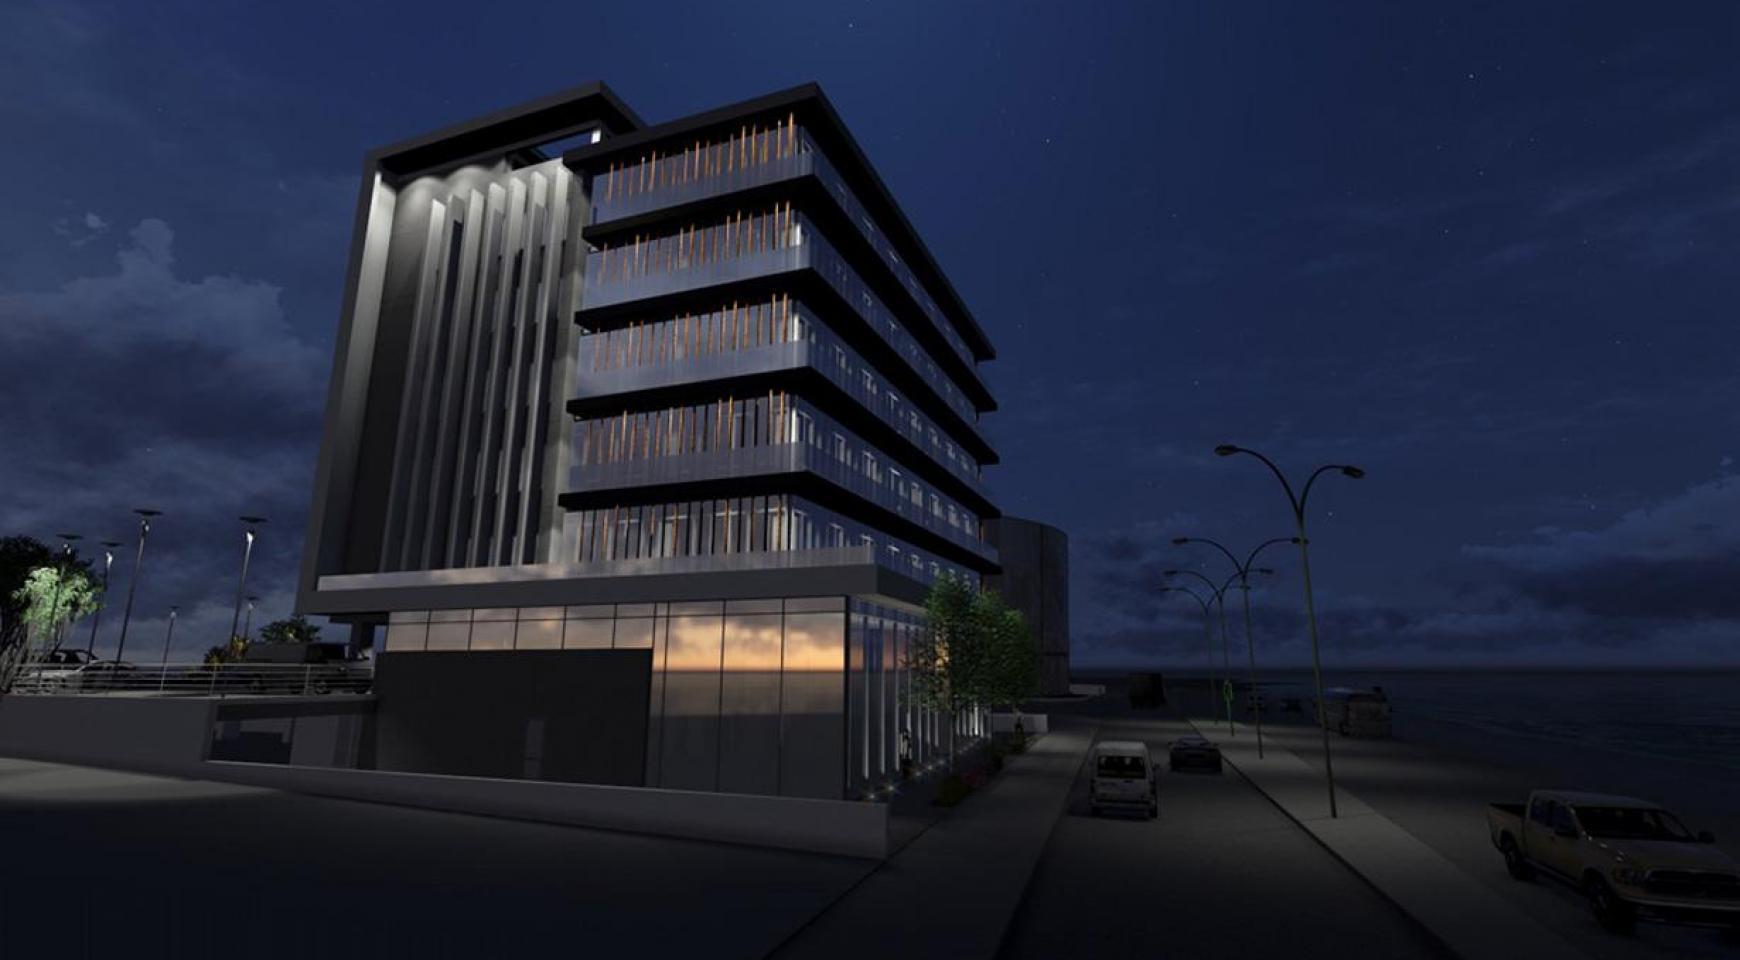 Новый Офис Класса Люкс в Престижном Расположении у Моря - 4